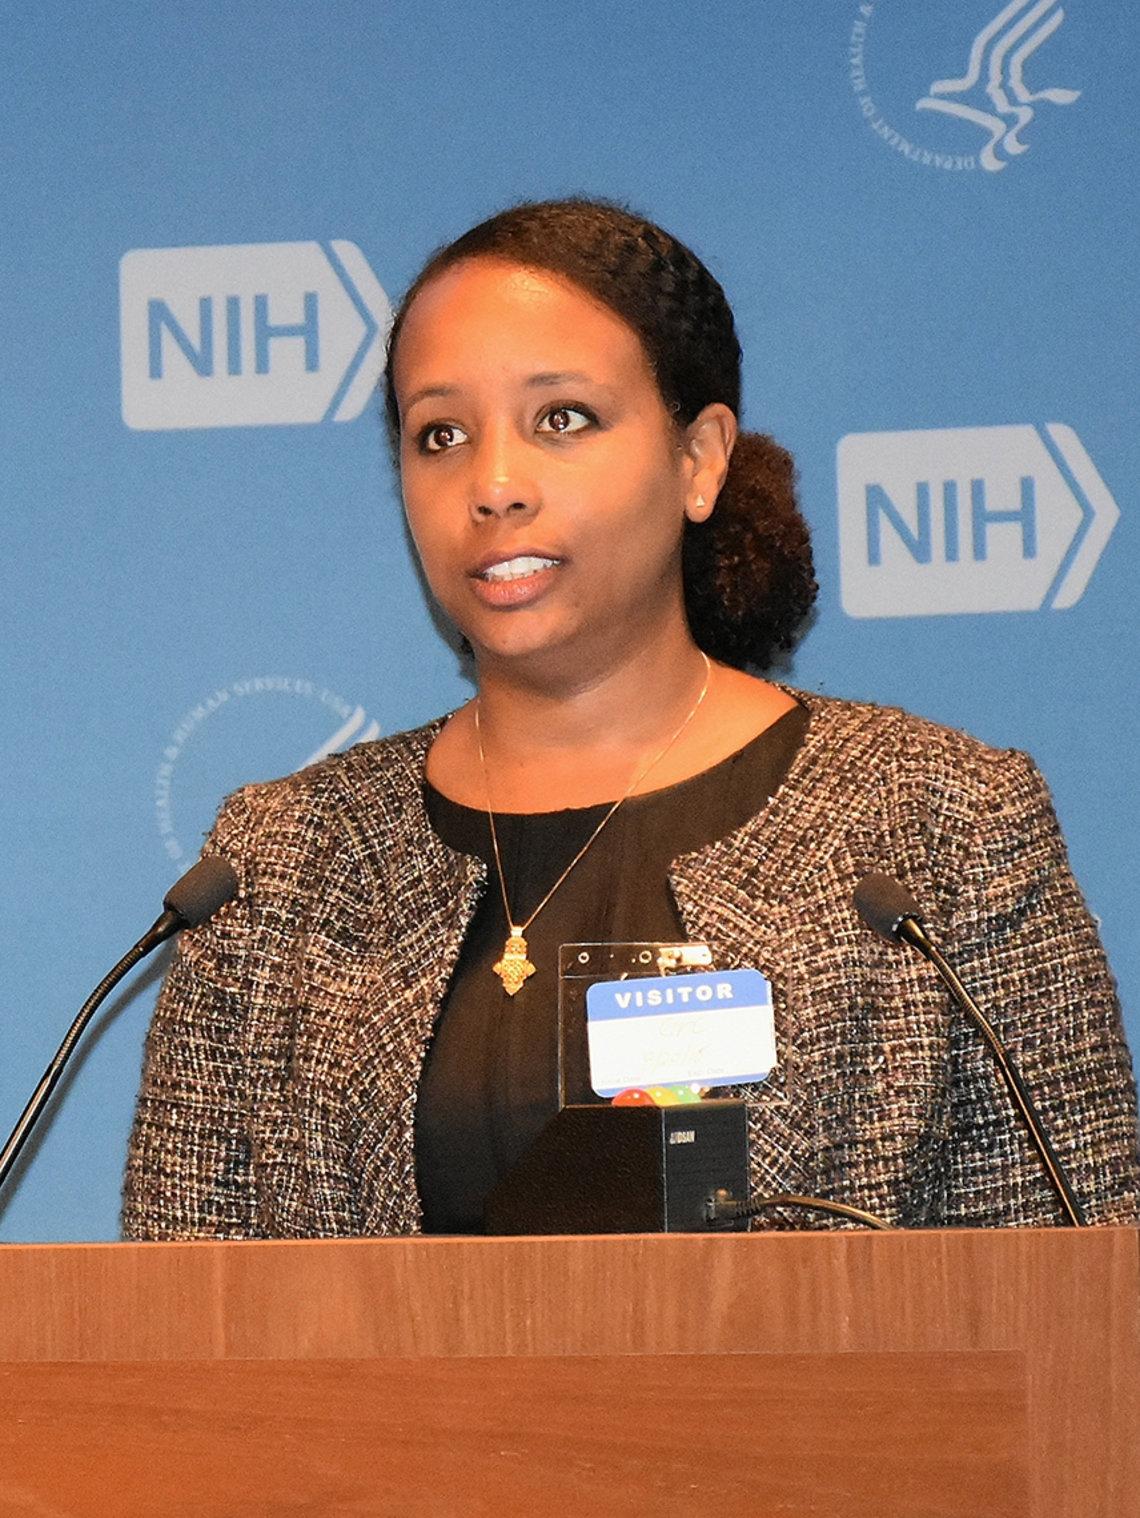 Dr. Mahlet Mesfin